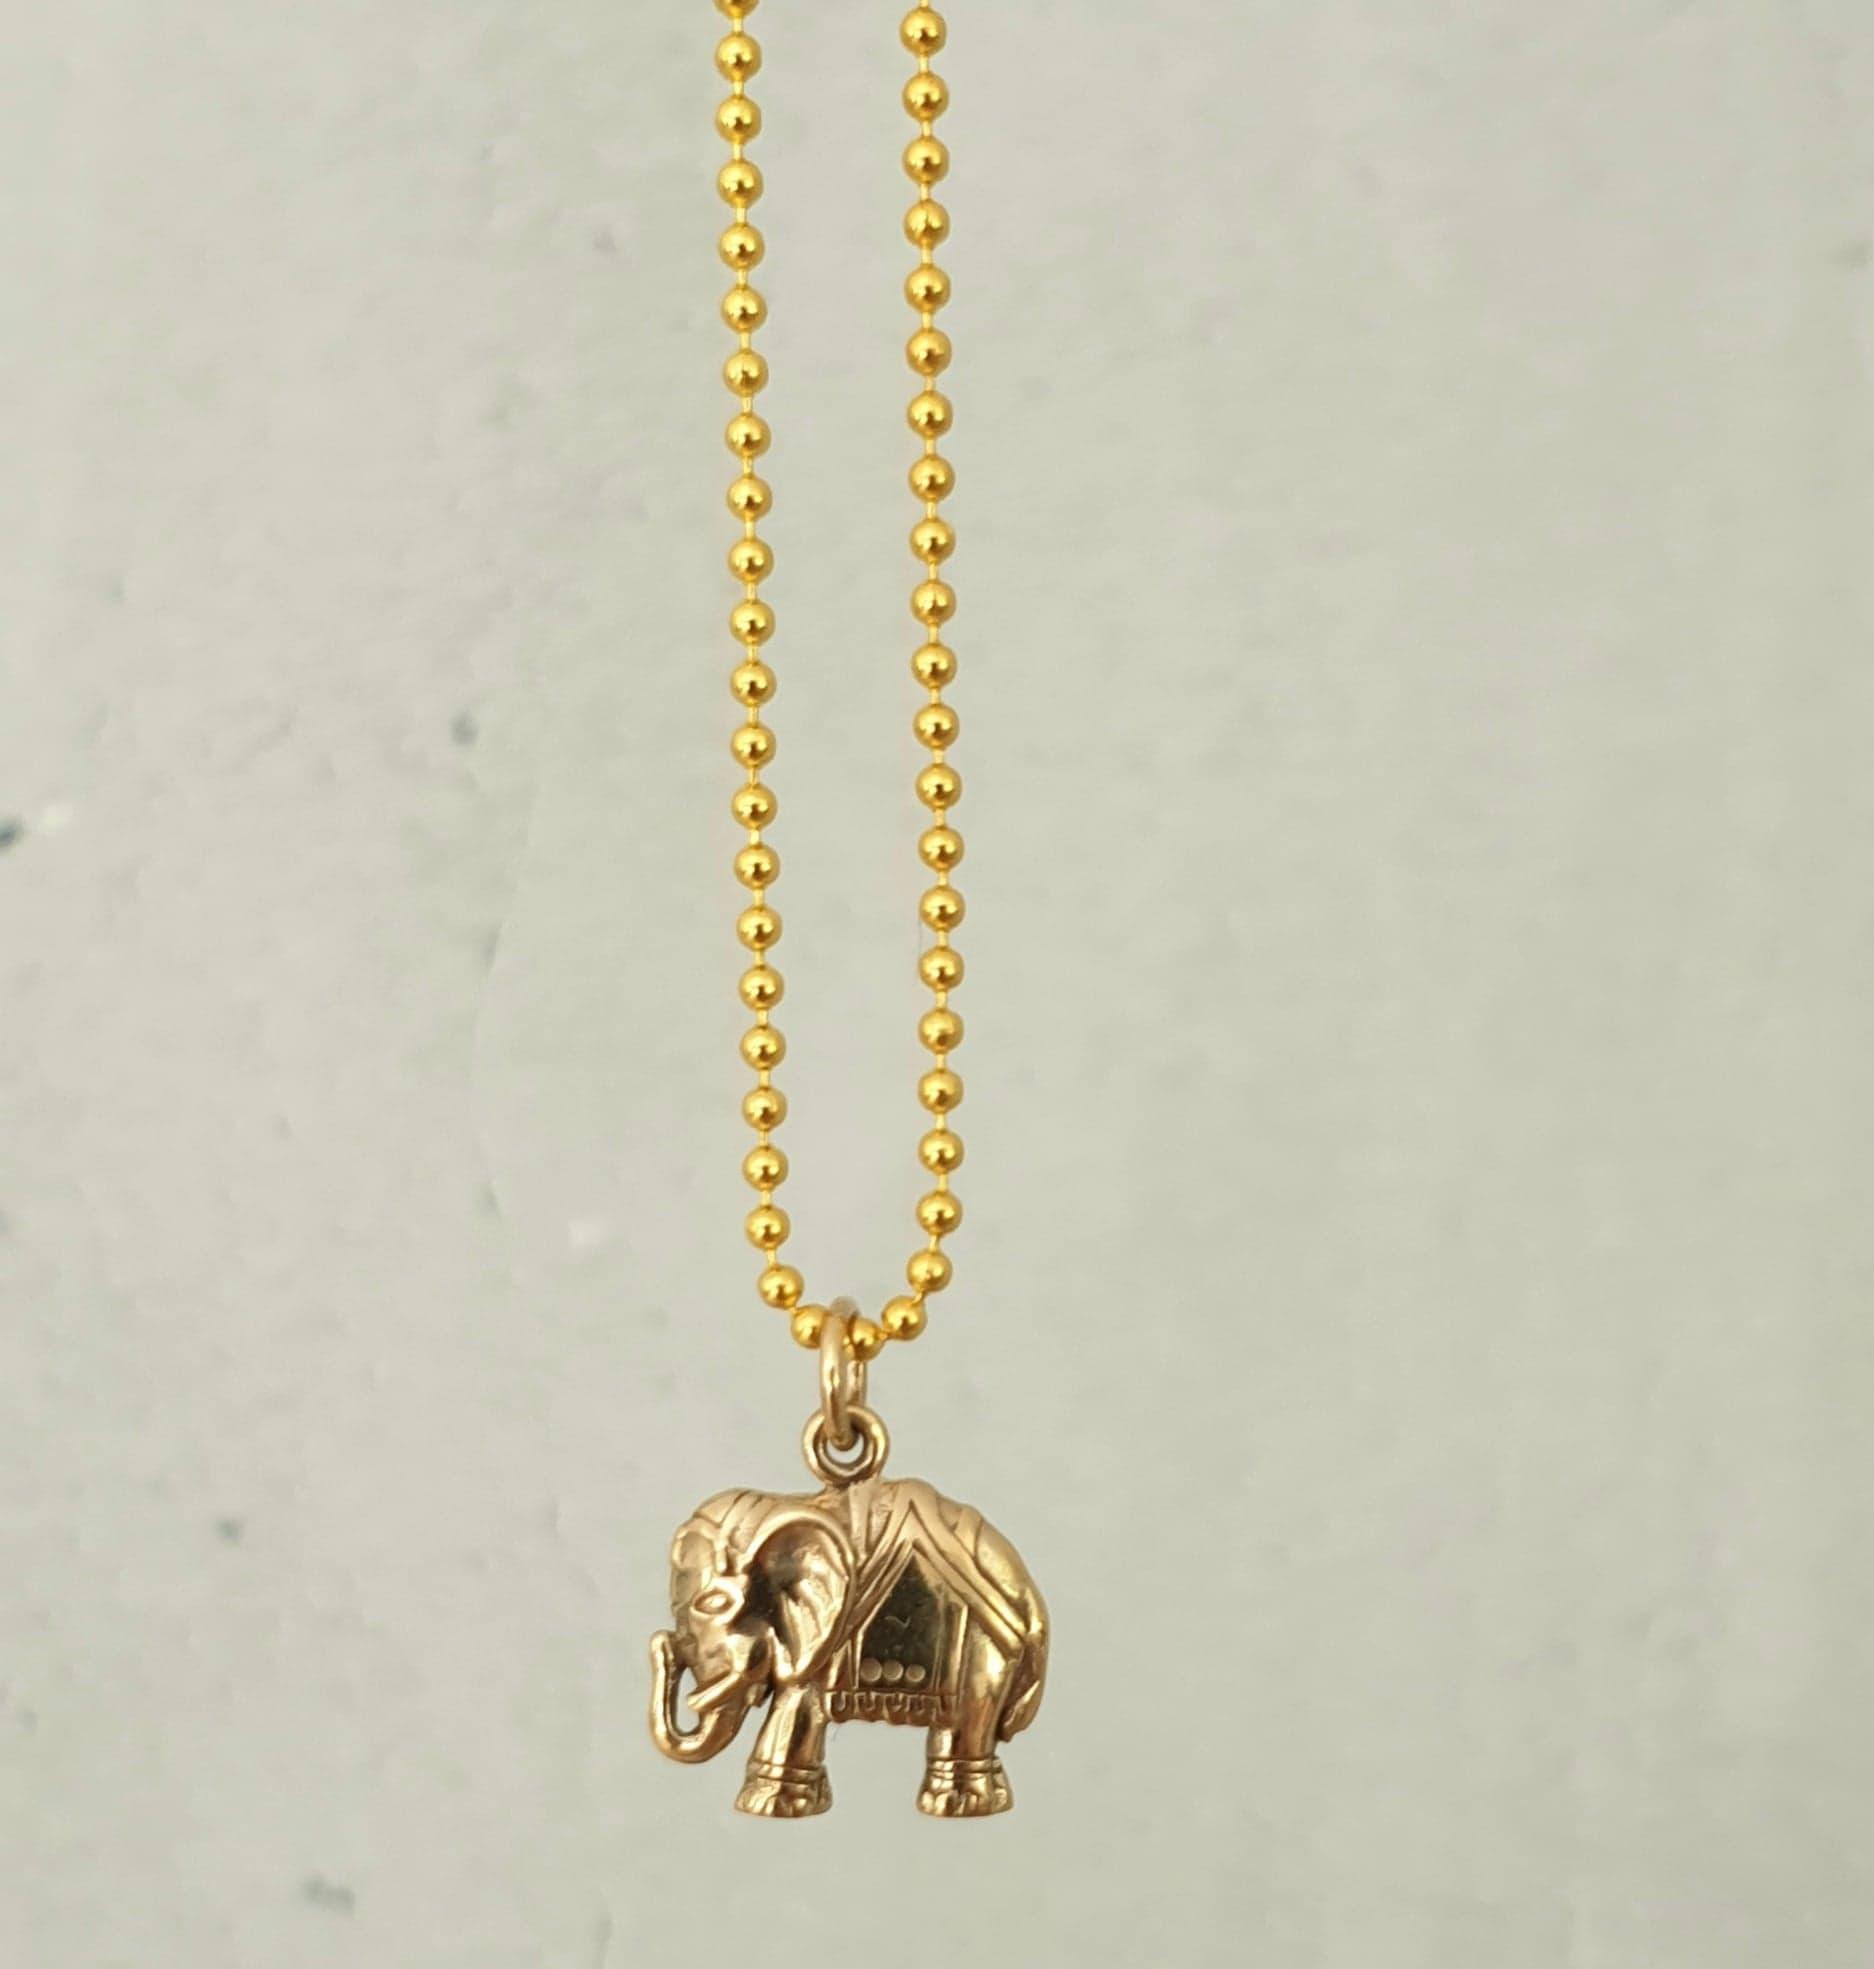 Kugle kæde med elefant